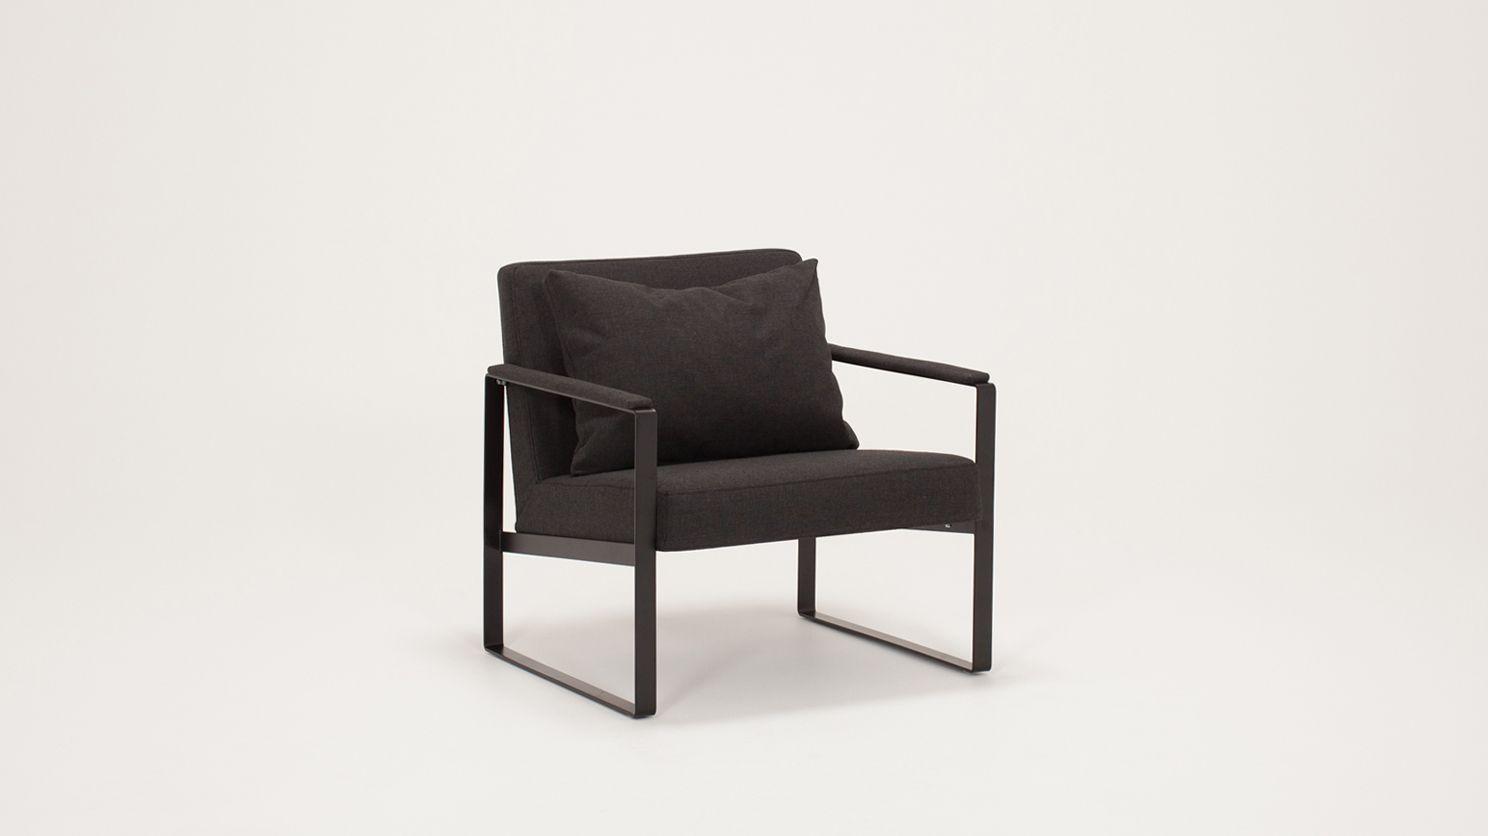 Ian Lounge Chair Eq3 Modern Furniture Lounge Chair Chair